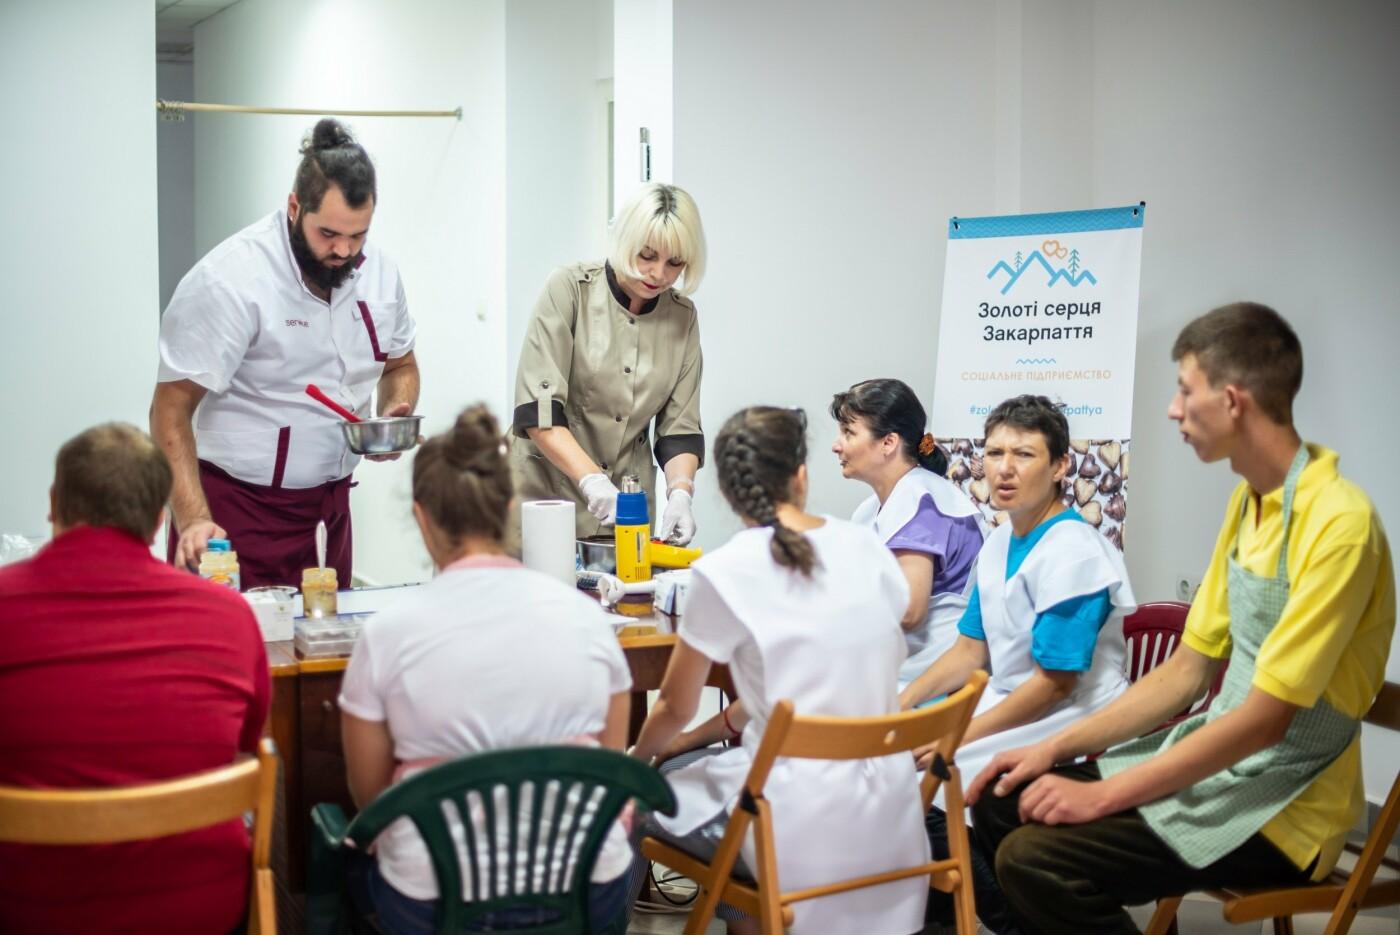 Особливі солодощі від особливих людей: як в Ужгороді створюється інклюзивна кондитерська (ФОТО, ВІДЕО), фото-14